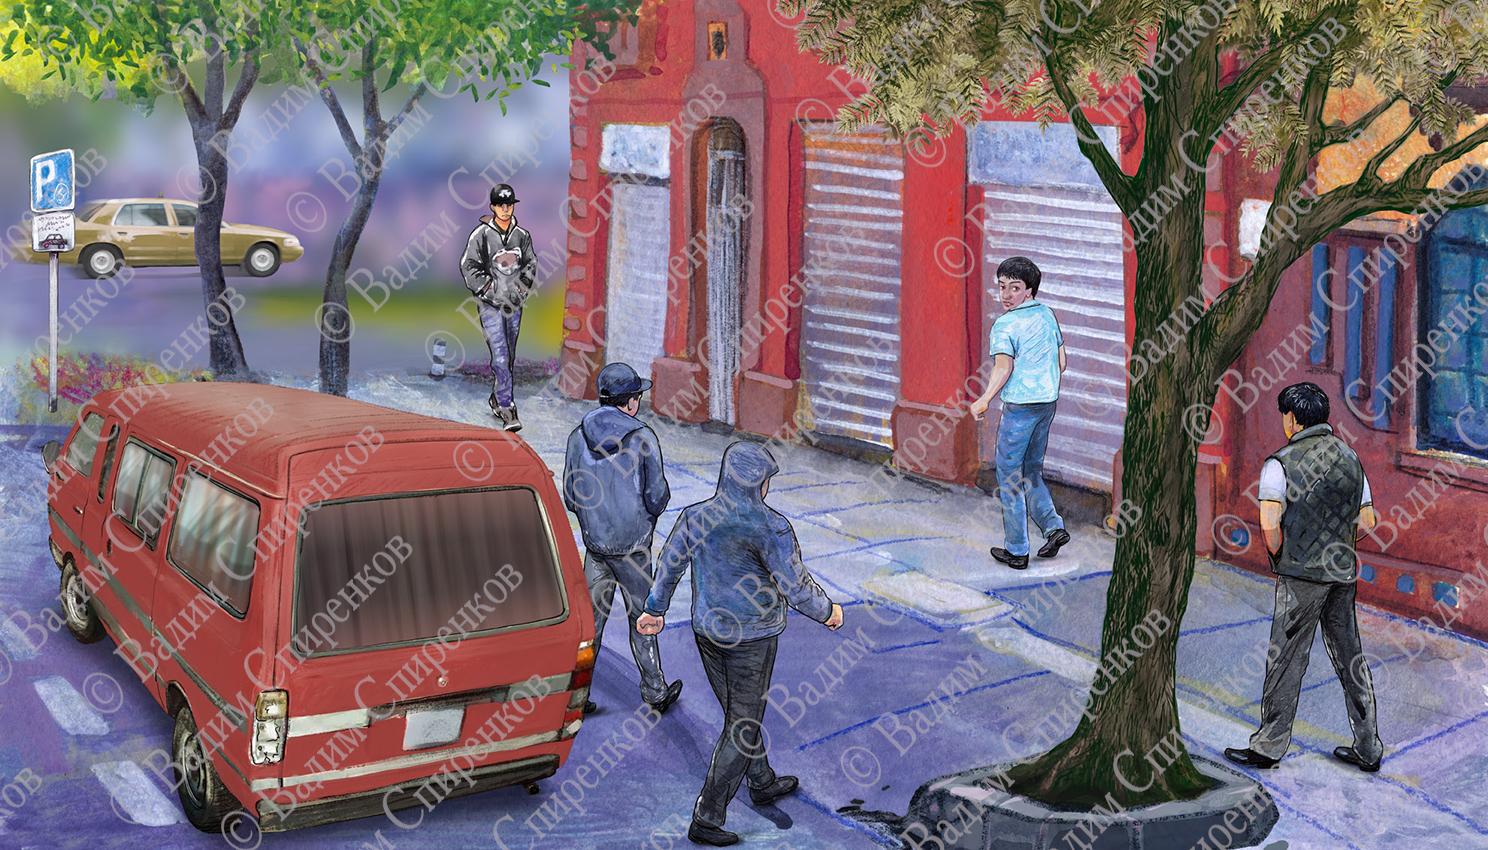 Окраина Мехико. Захват заложника.